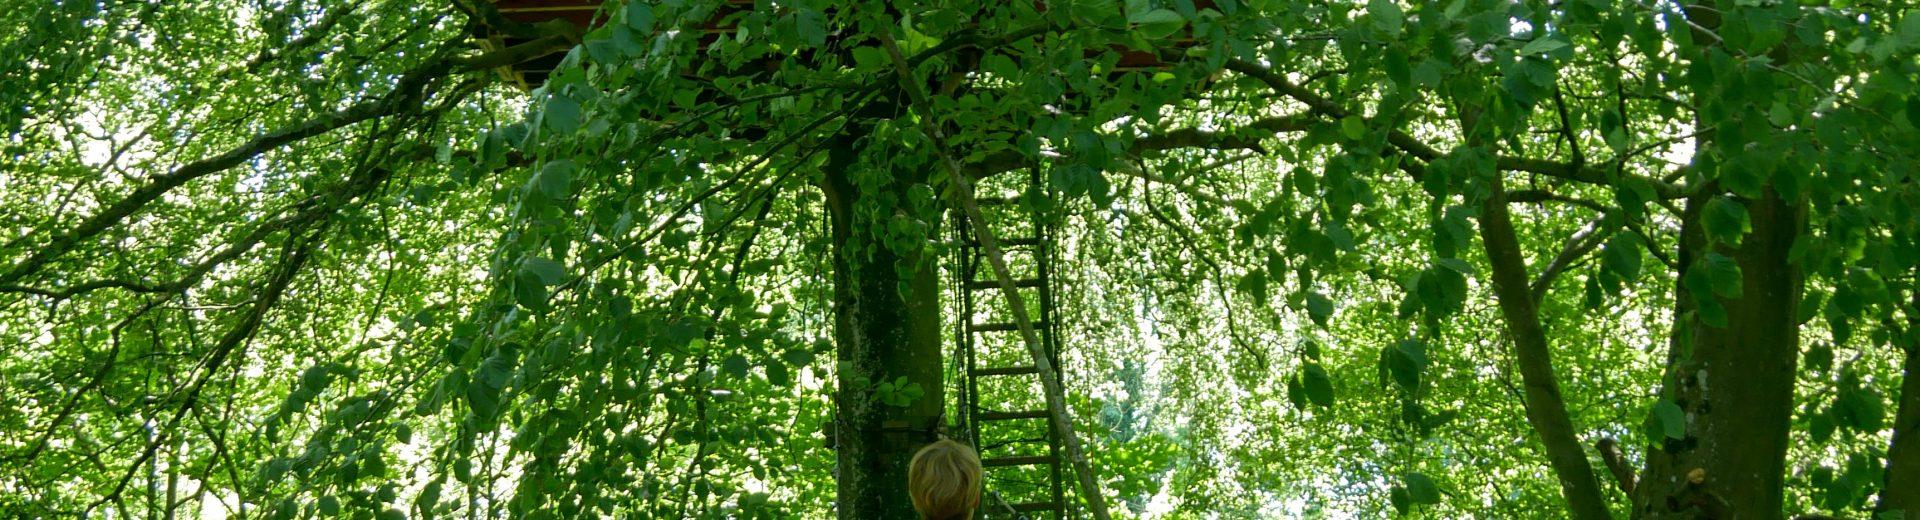 Domaine-de-Wail-Cabane-dans-les-arbres-4-©A.Chaput-Pas-de-Calais-Tourisme